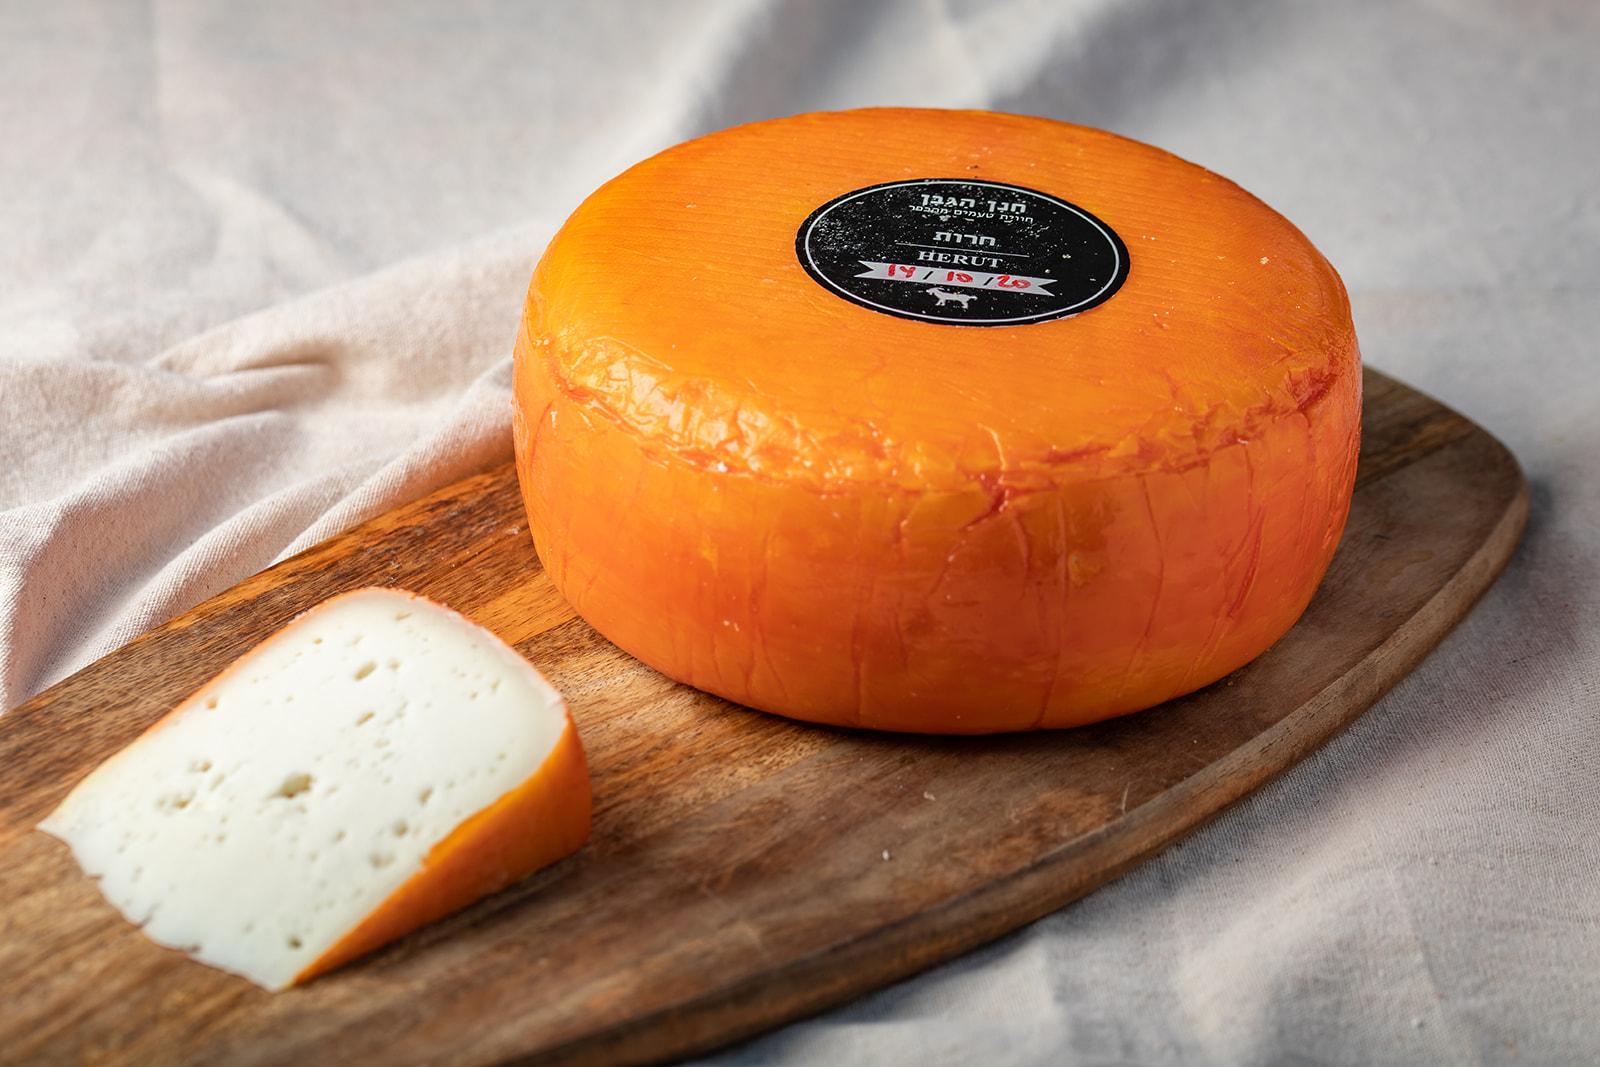 גבינת חרות בסגנון גאודה מחלב עיזים